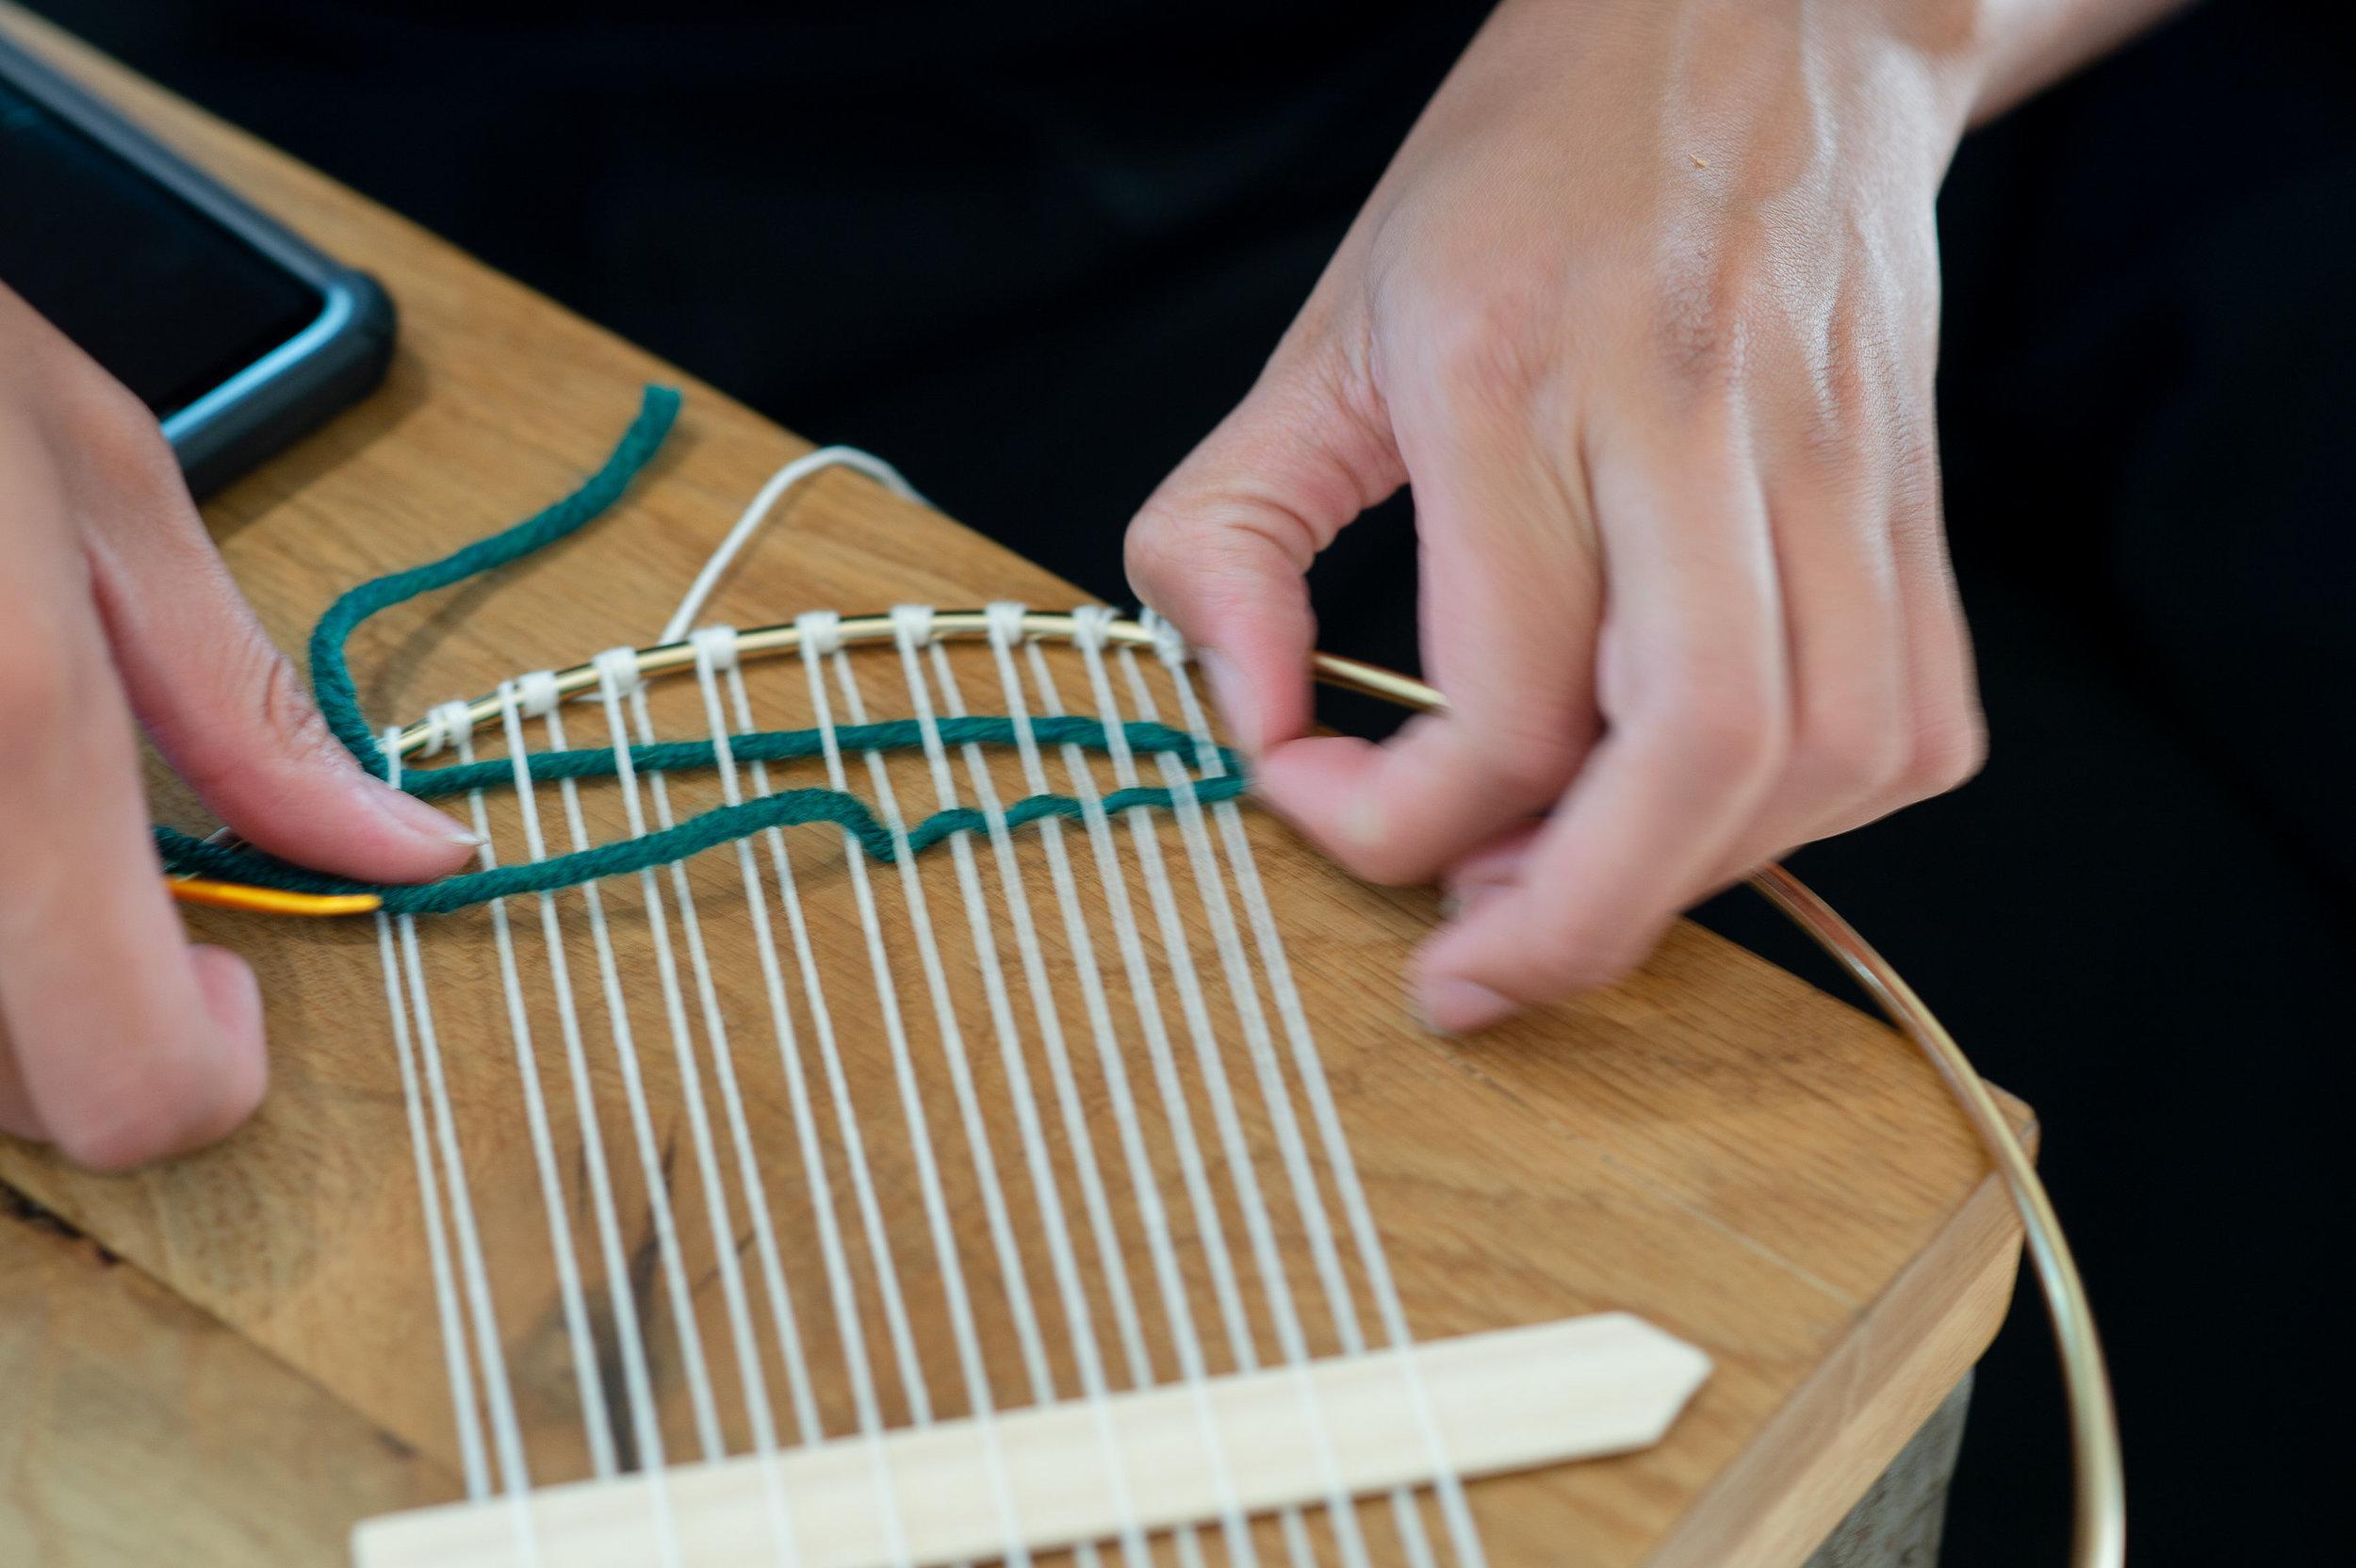 062118_WW_Weaving-20.jpg